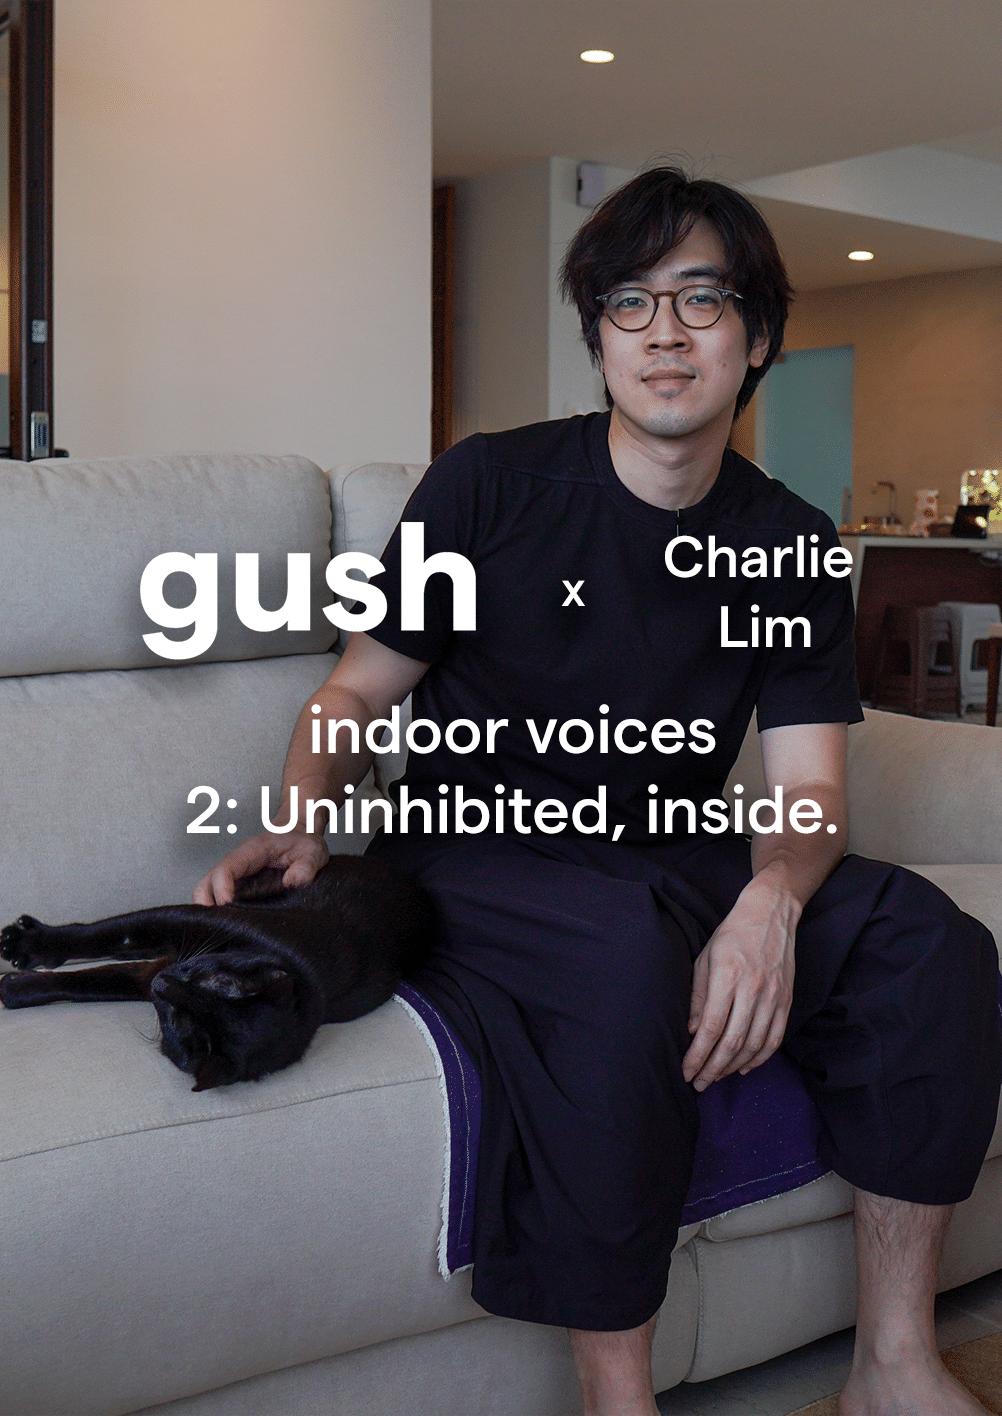 Gush X Charlie Lim